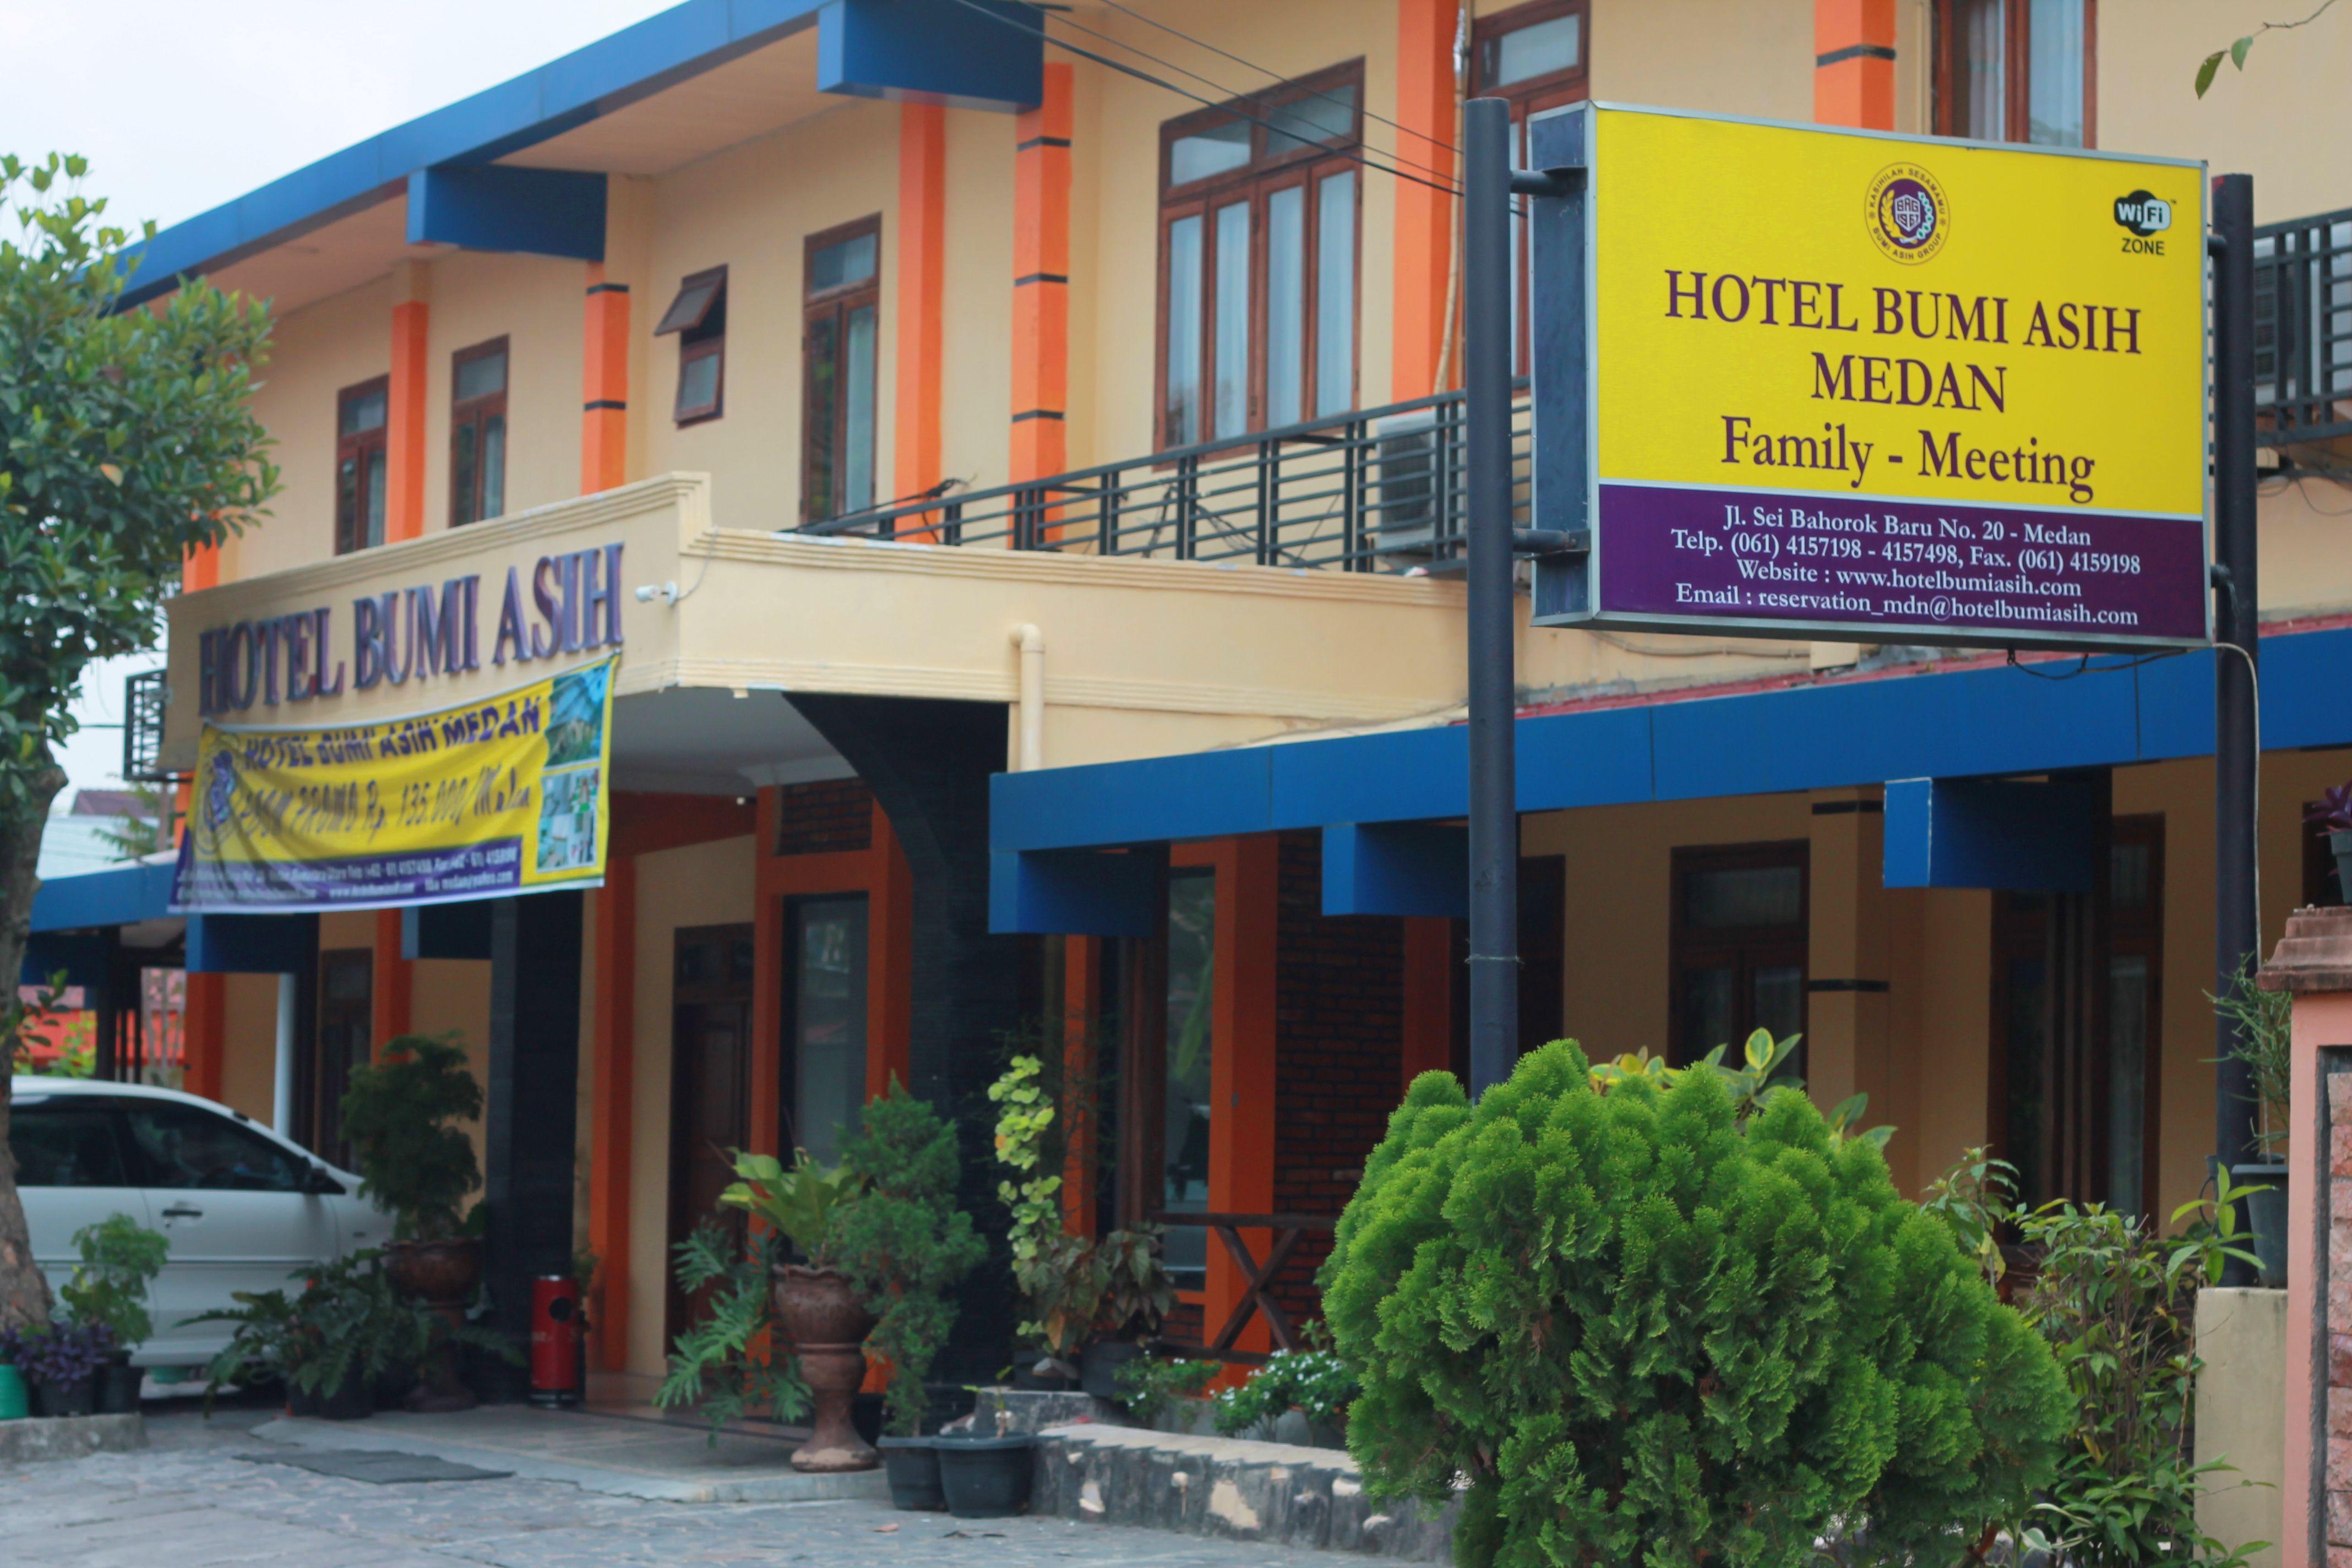 Hotel Bumi Asih Medan, Medan